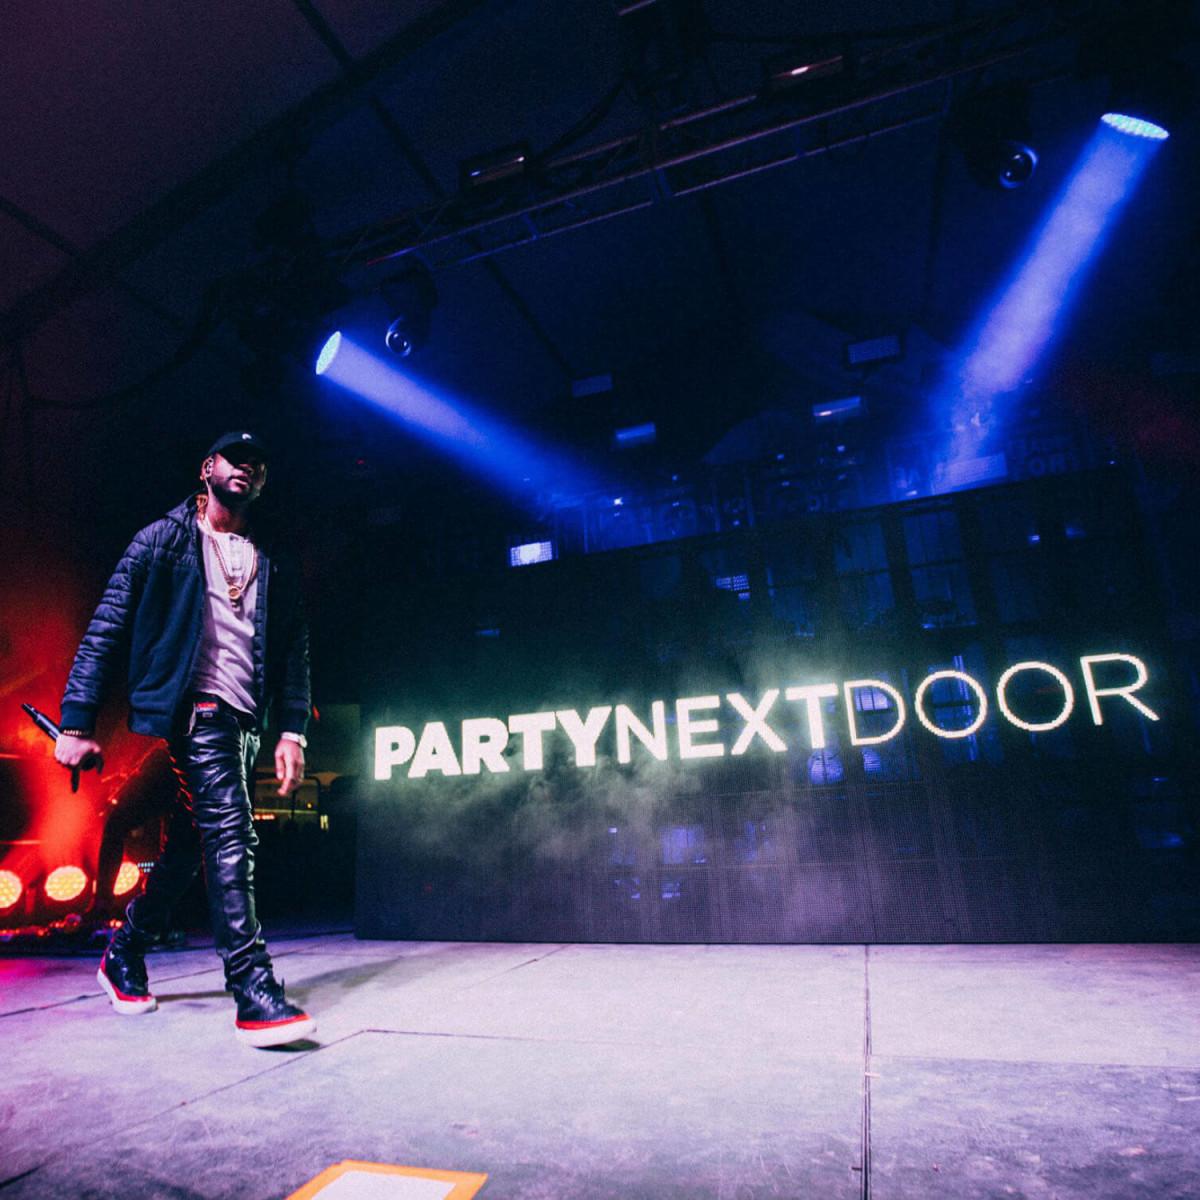 PartyNextDoor